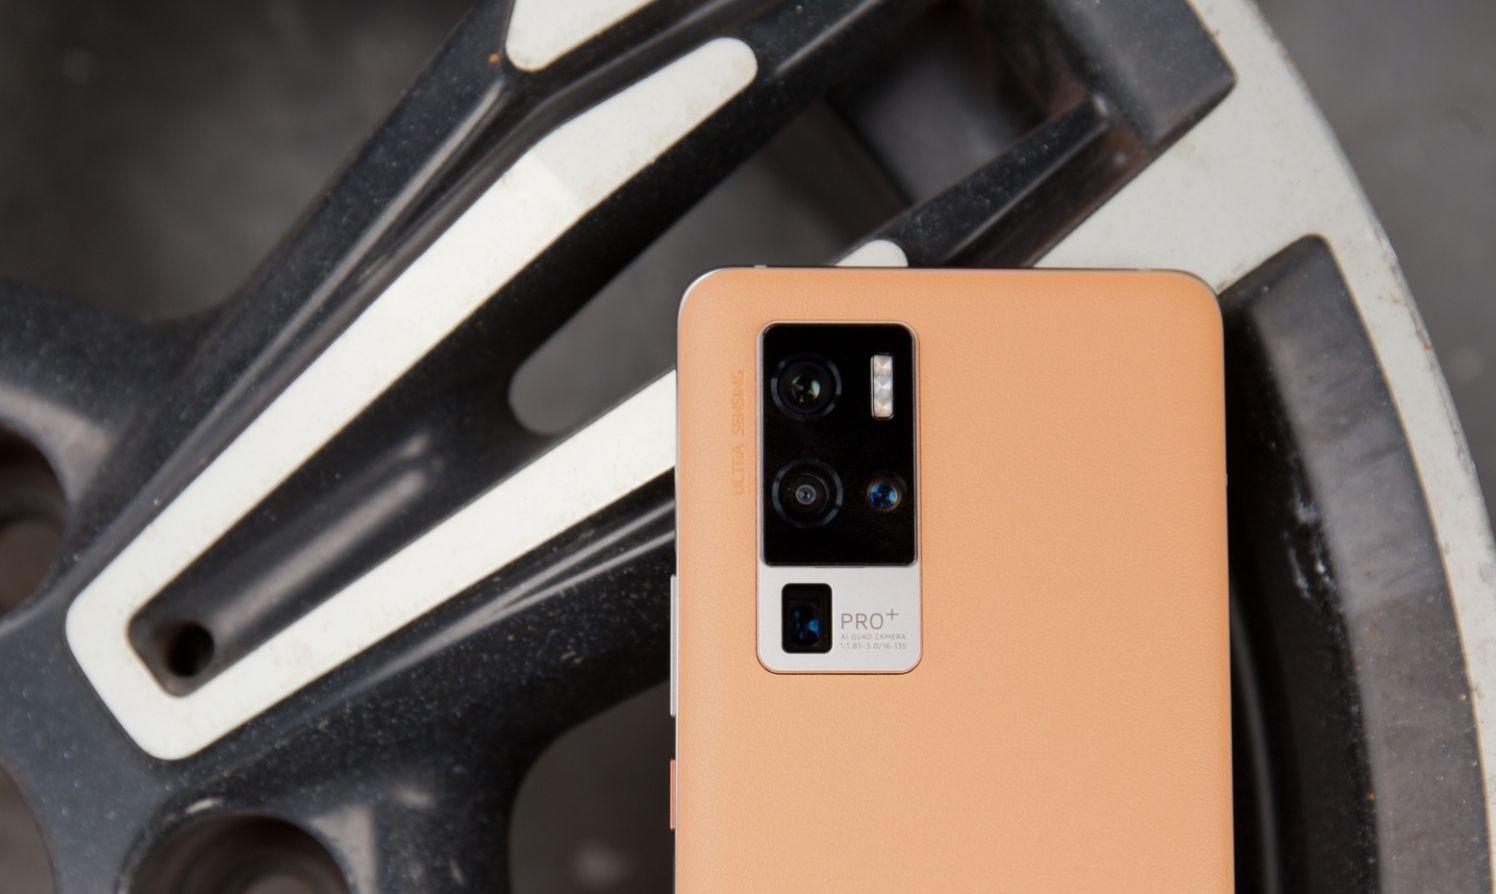 拍照手机哪个好?颜值高、实力强的vivo X50 Pro+美图奉上